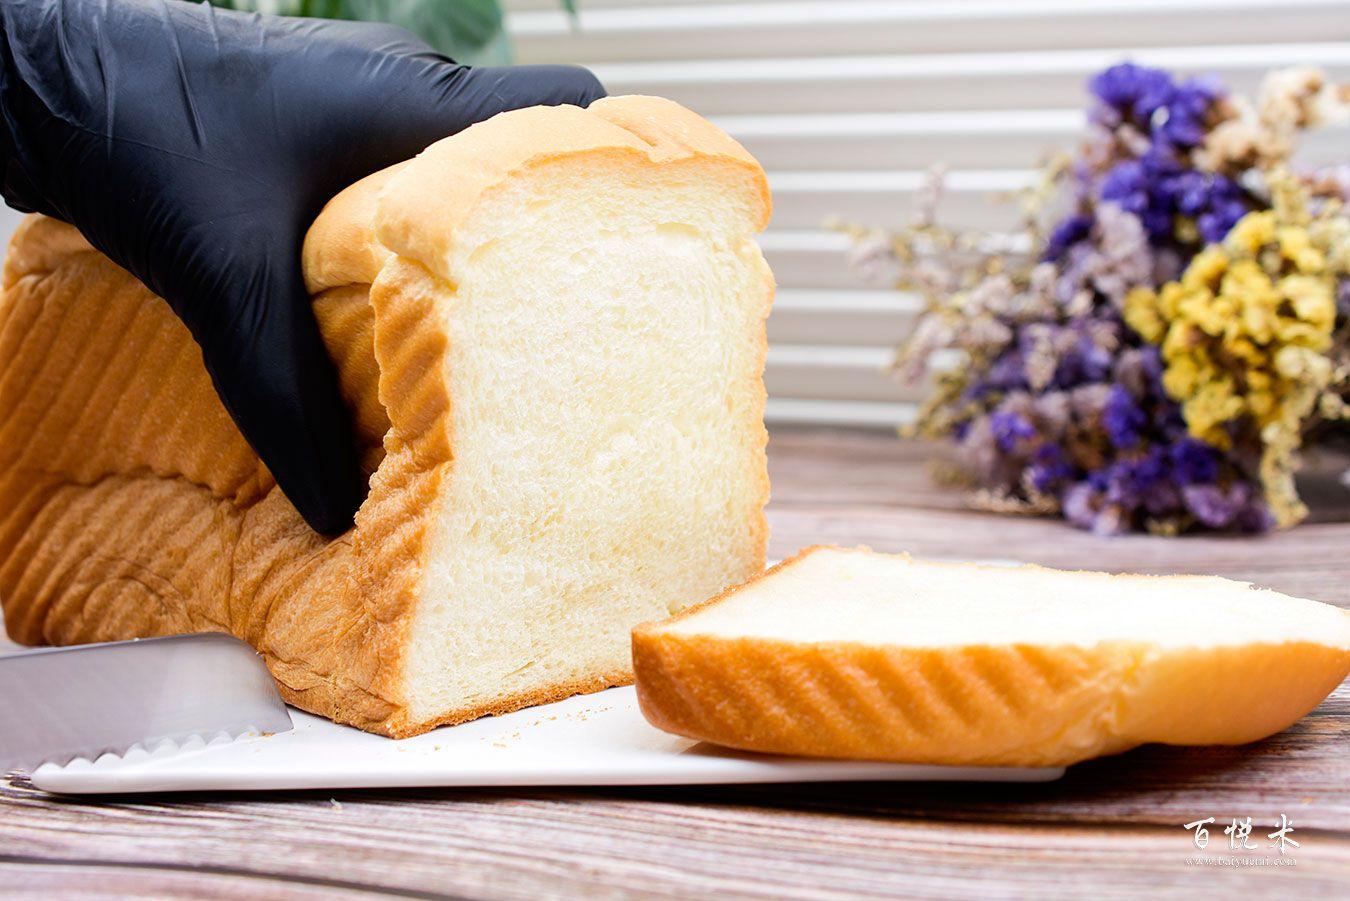 老面吐司面包高清图片大全【蛋糕图片】_428